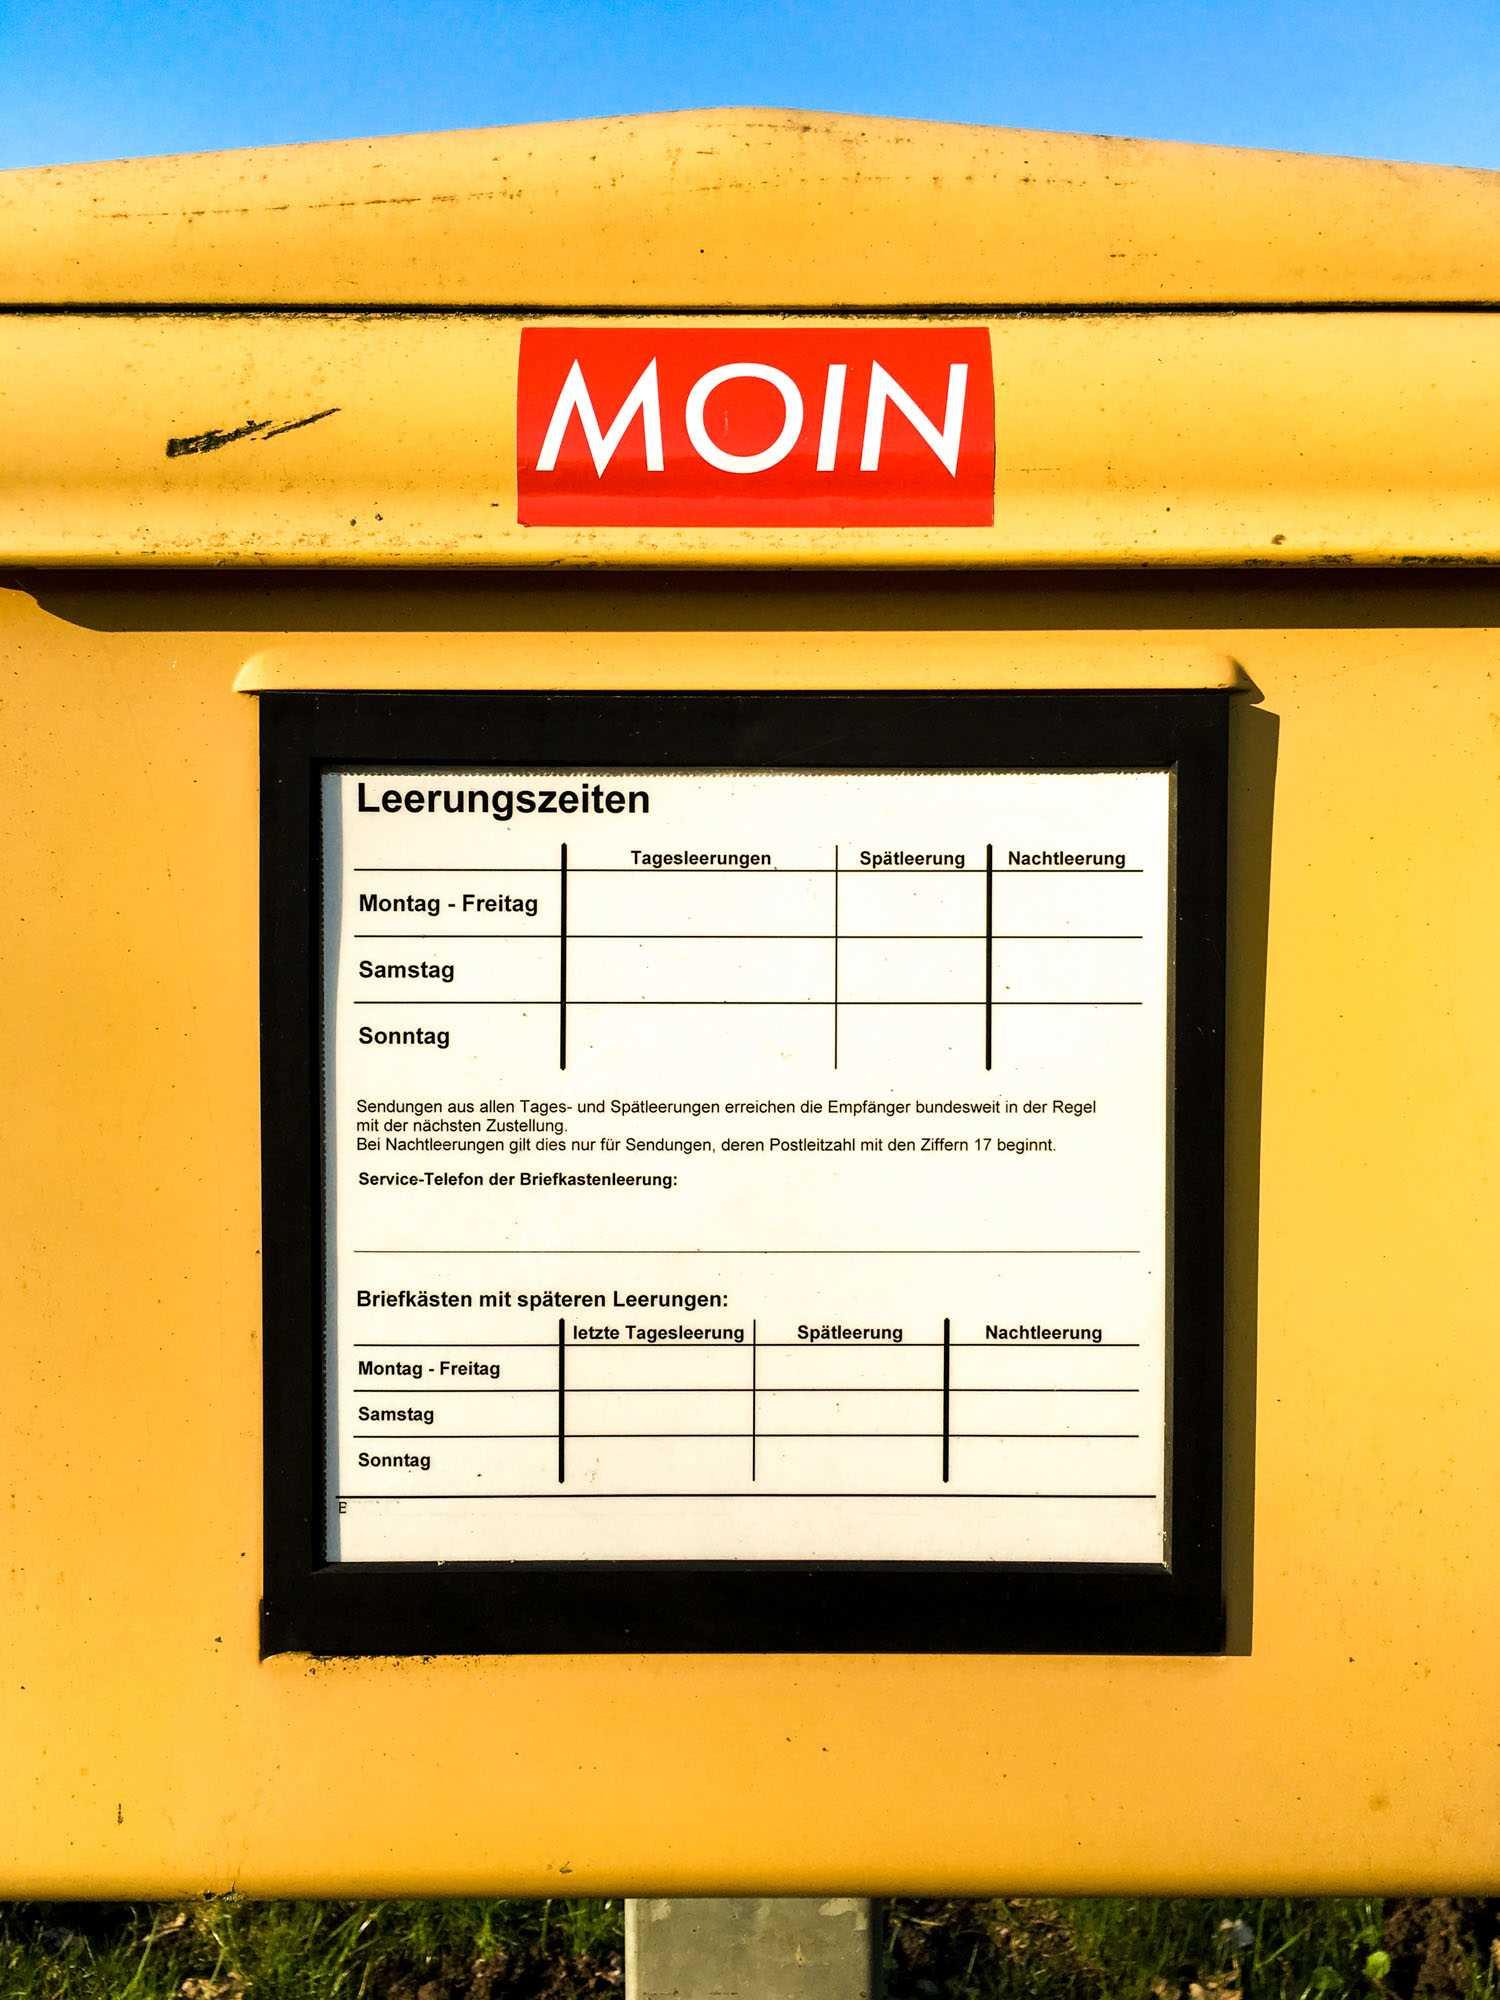 MOIN-Momente-70